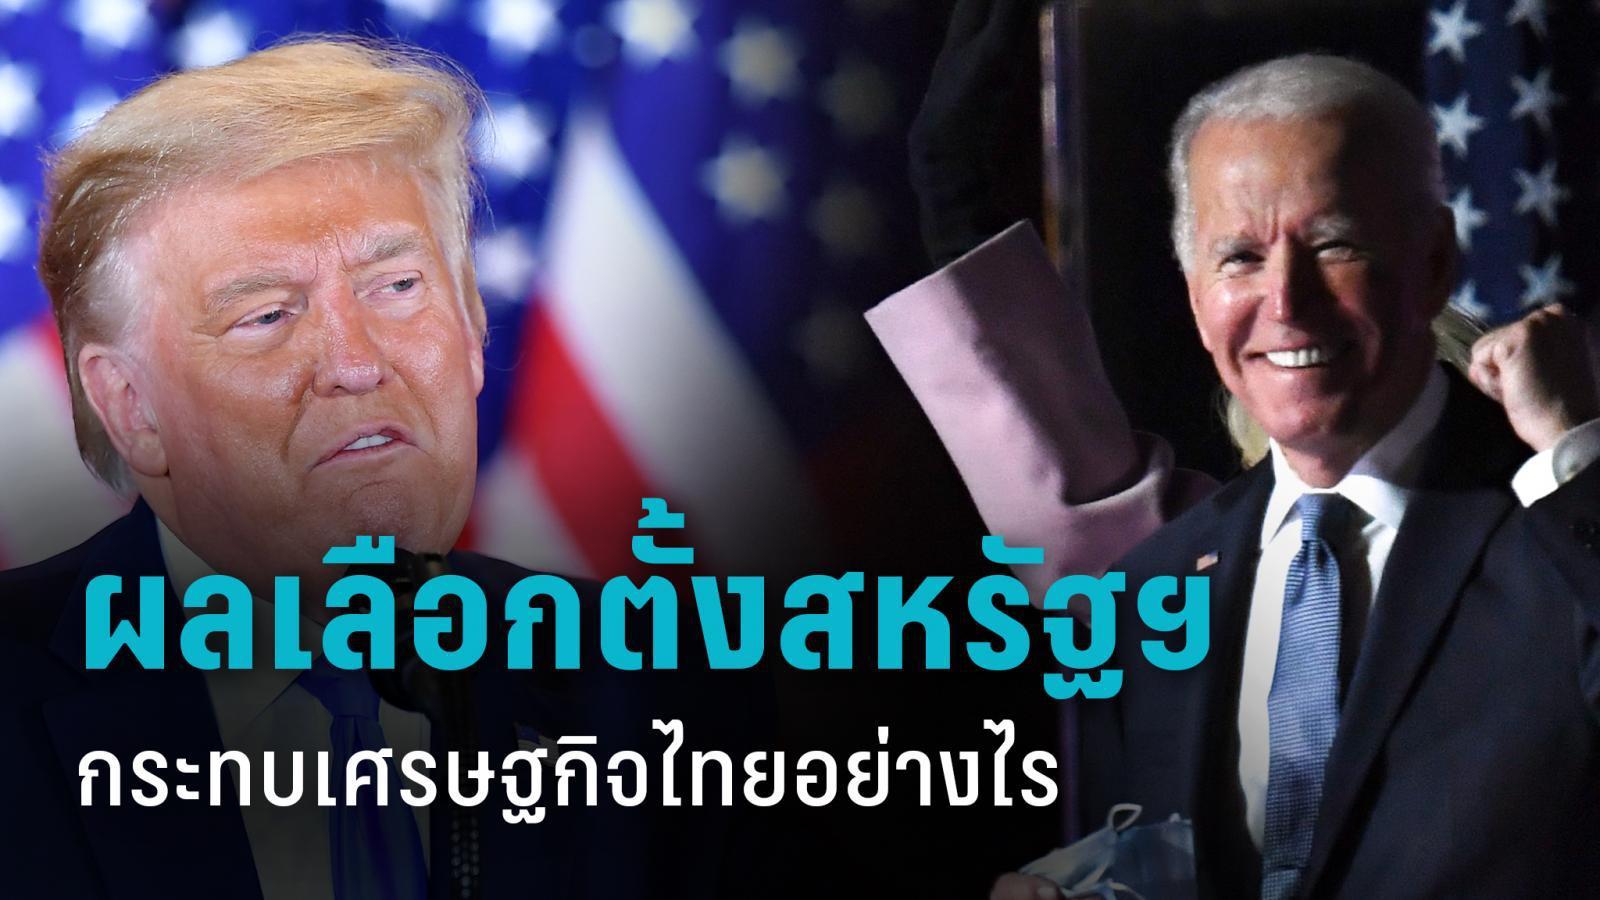 ผลเลือกตั้งสหรัฐฯ กระทบเศรษฐกิจไทยอย่างไร